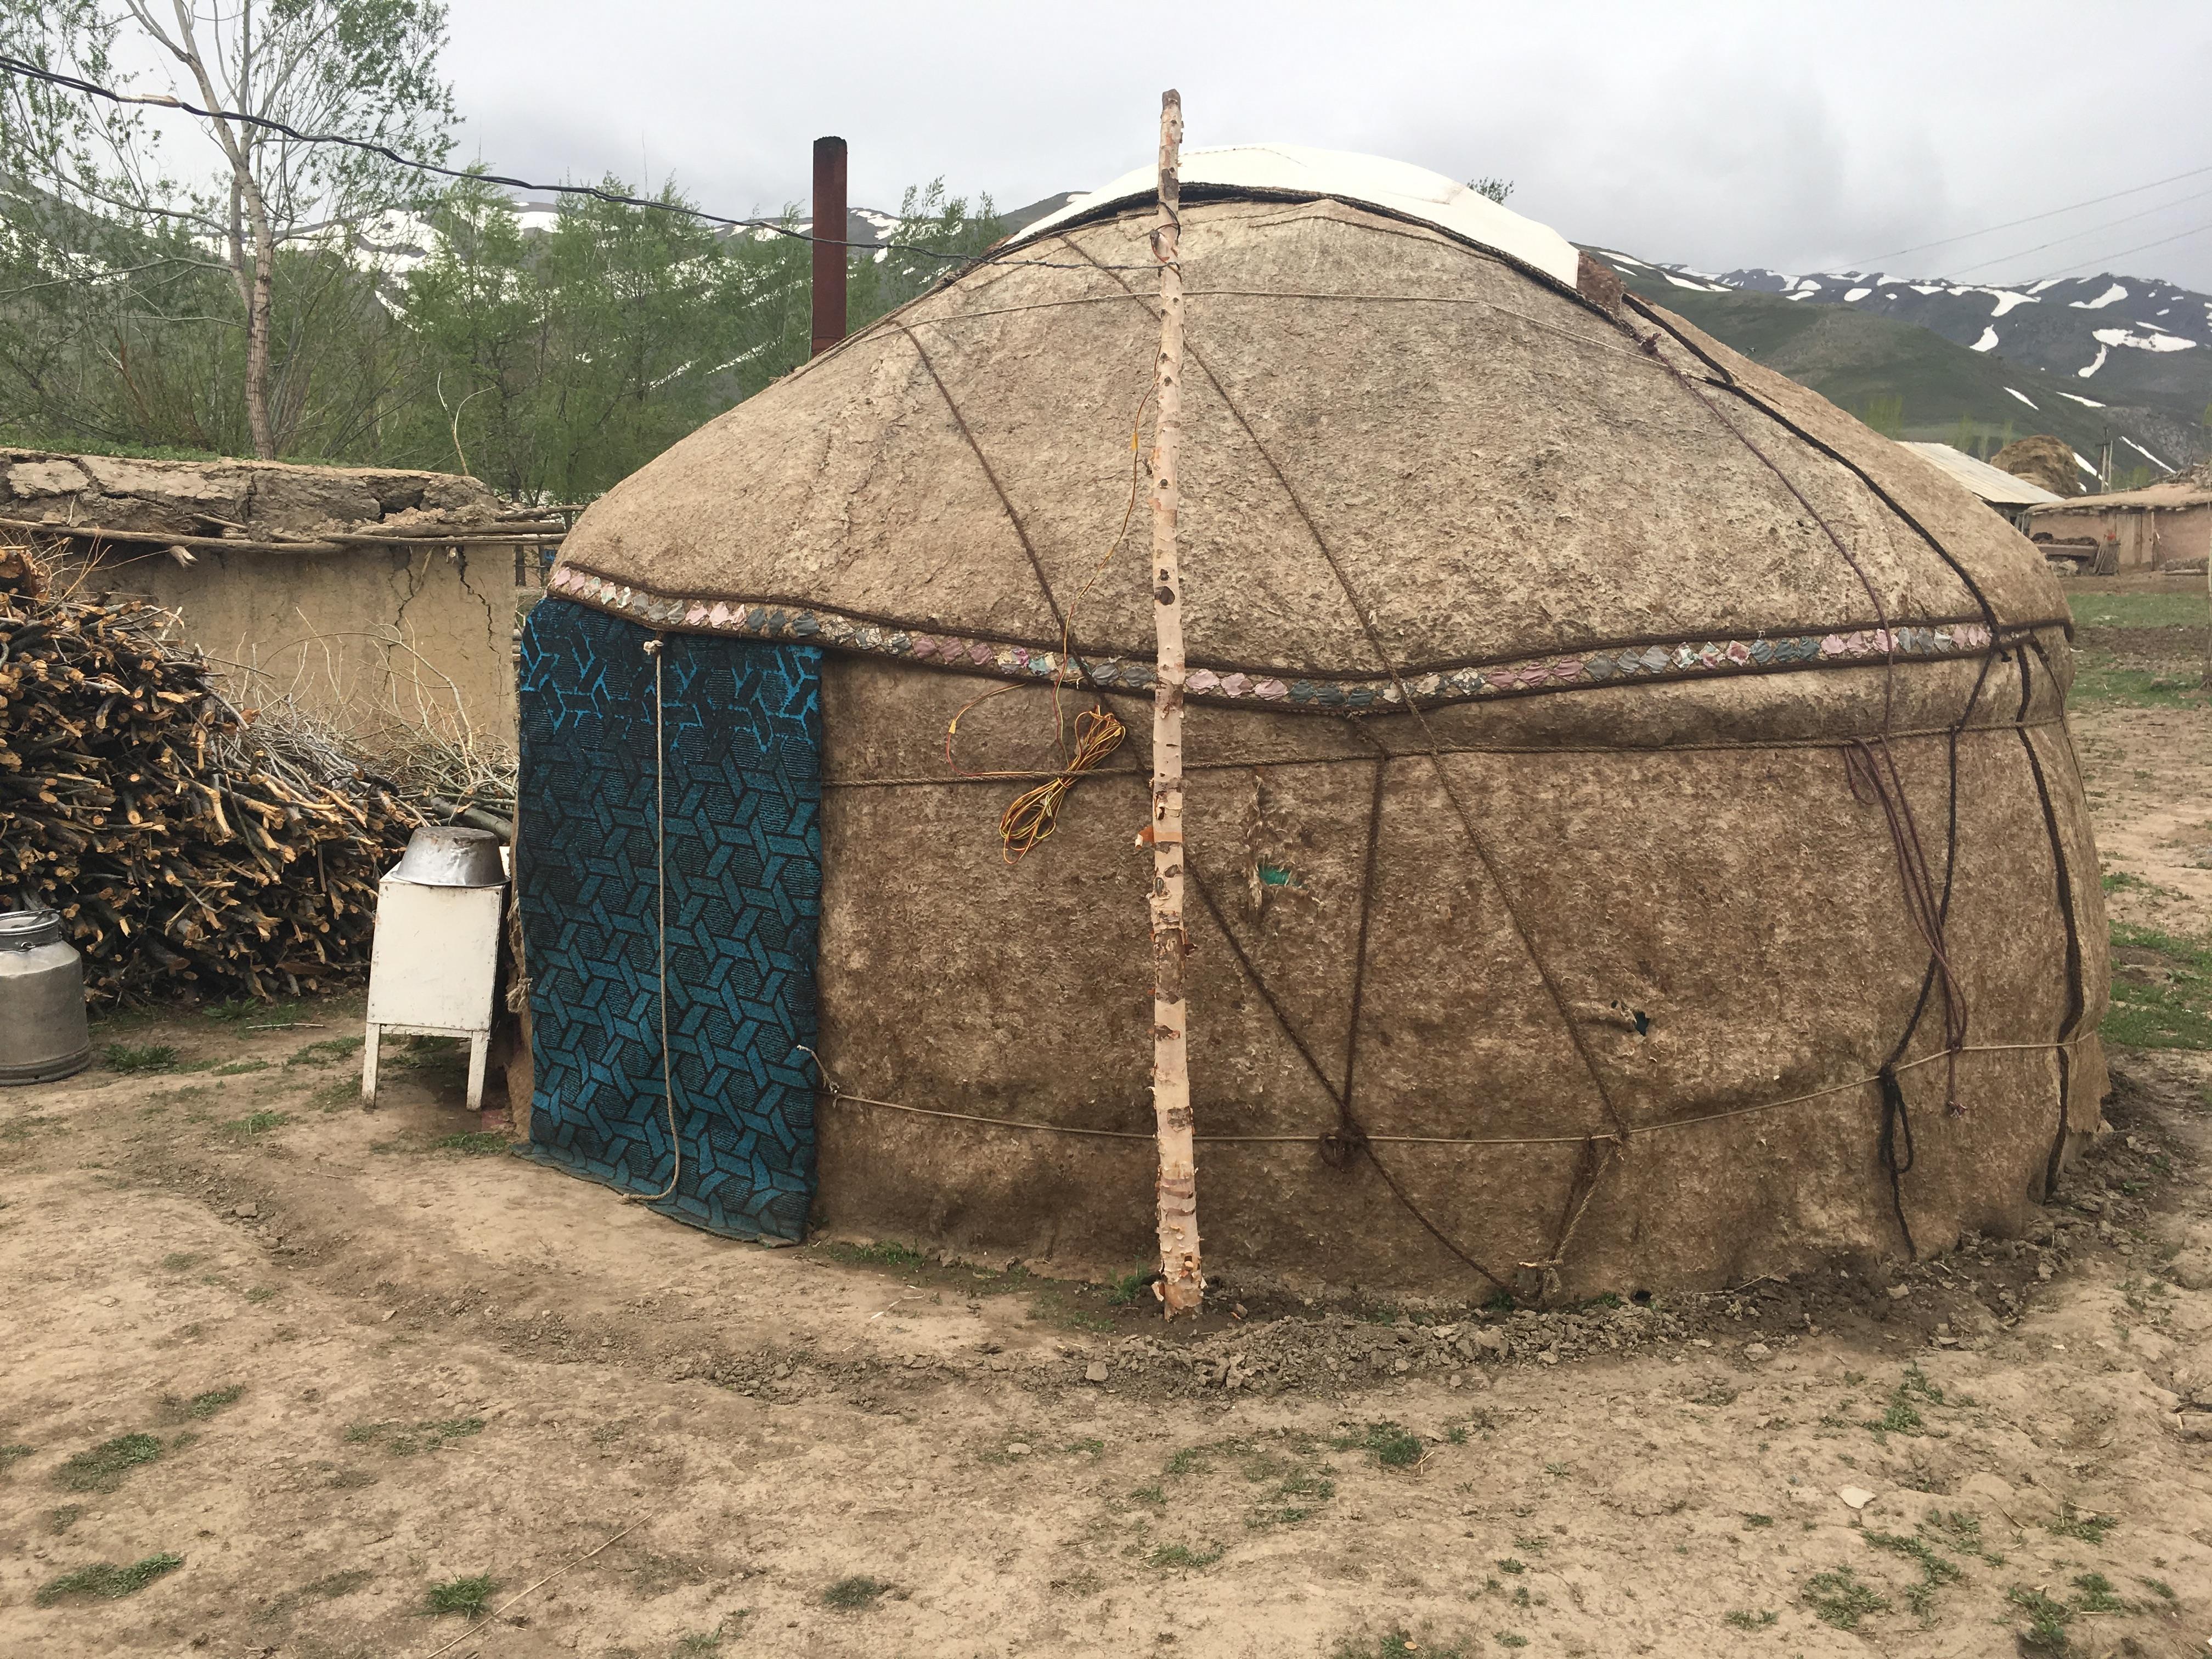 Tratando a tuberculose no Quirquistão